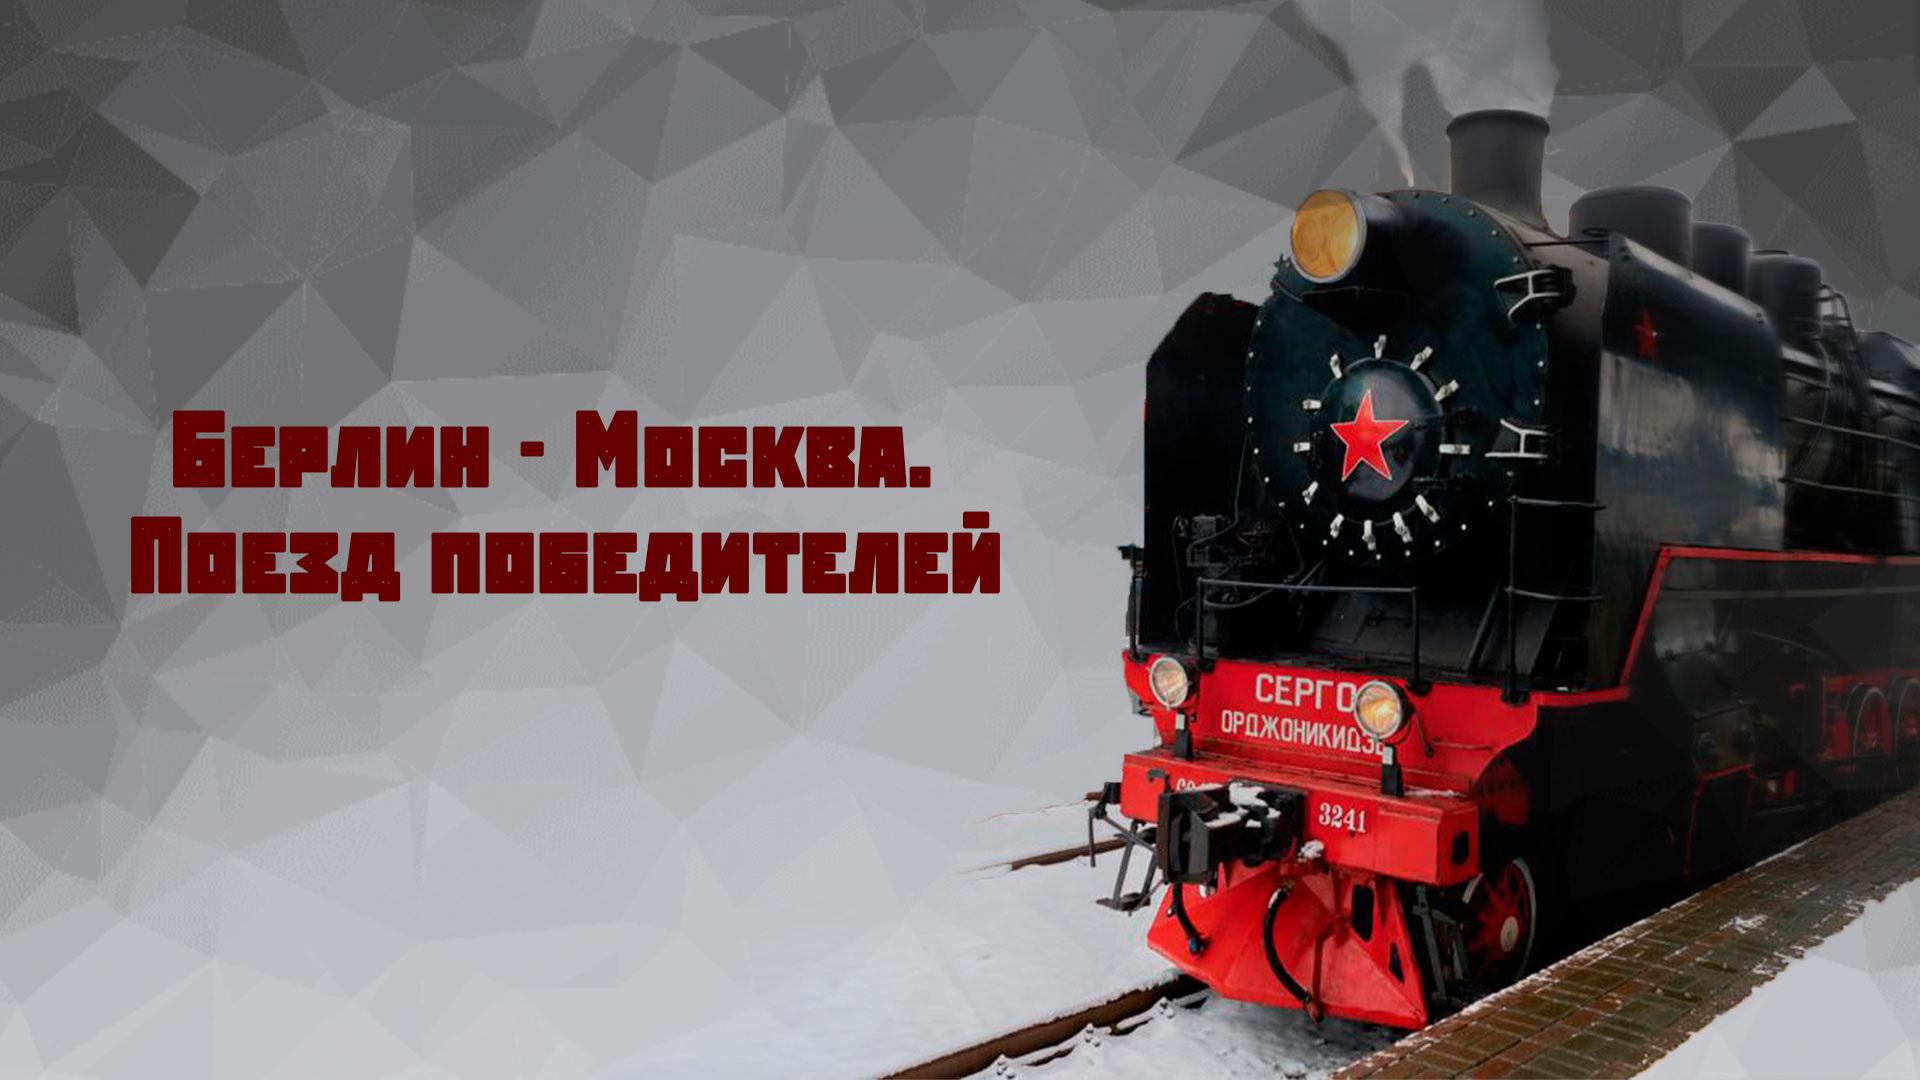 Берлин - Москва. Поезд победителей